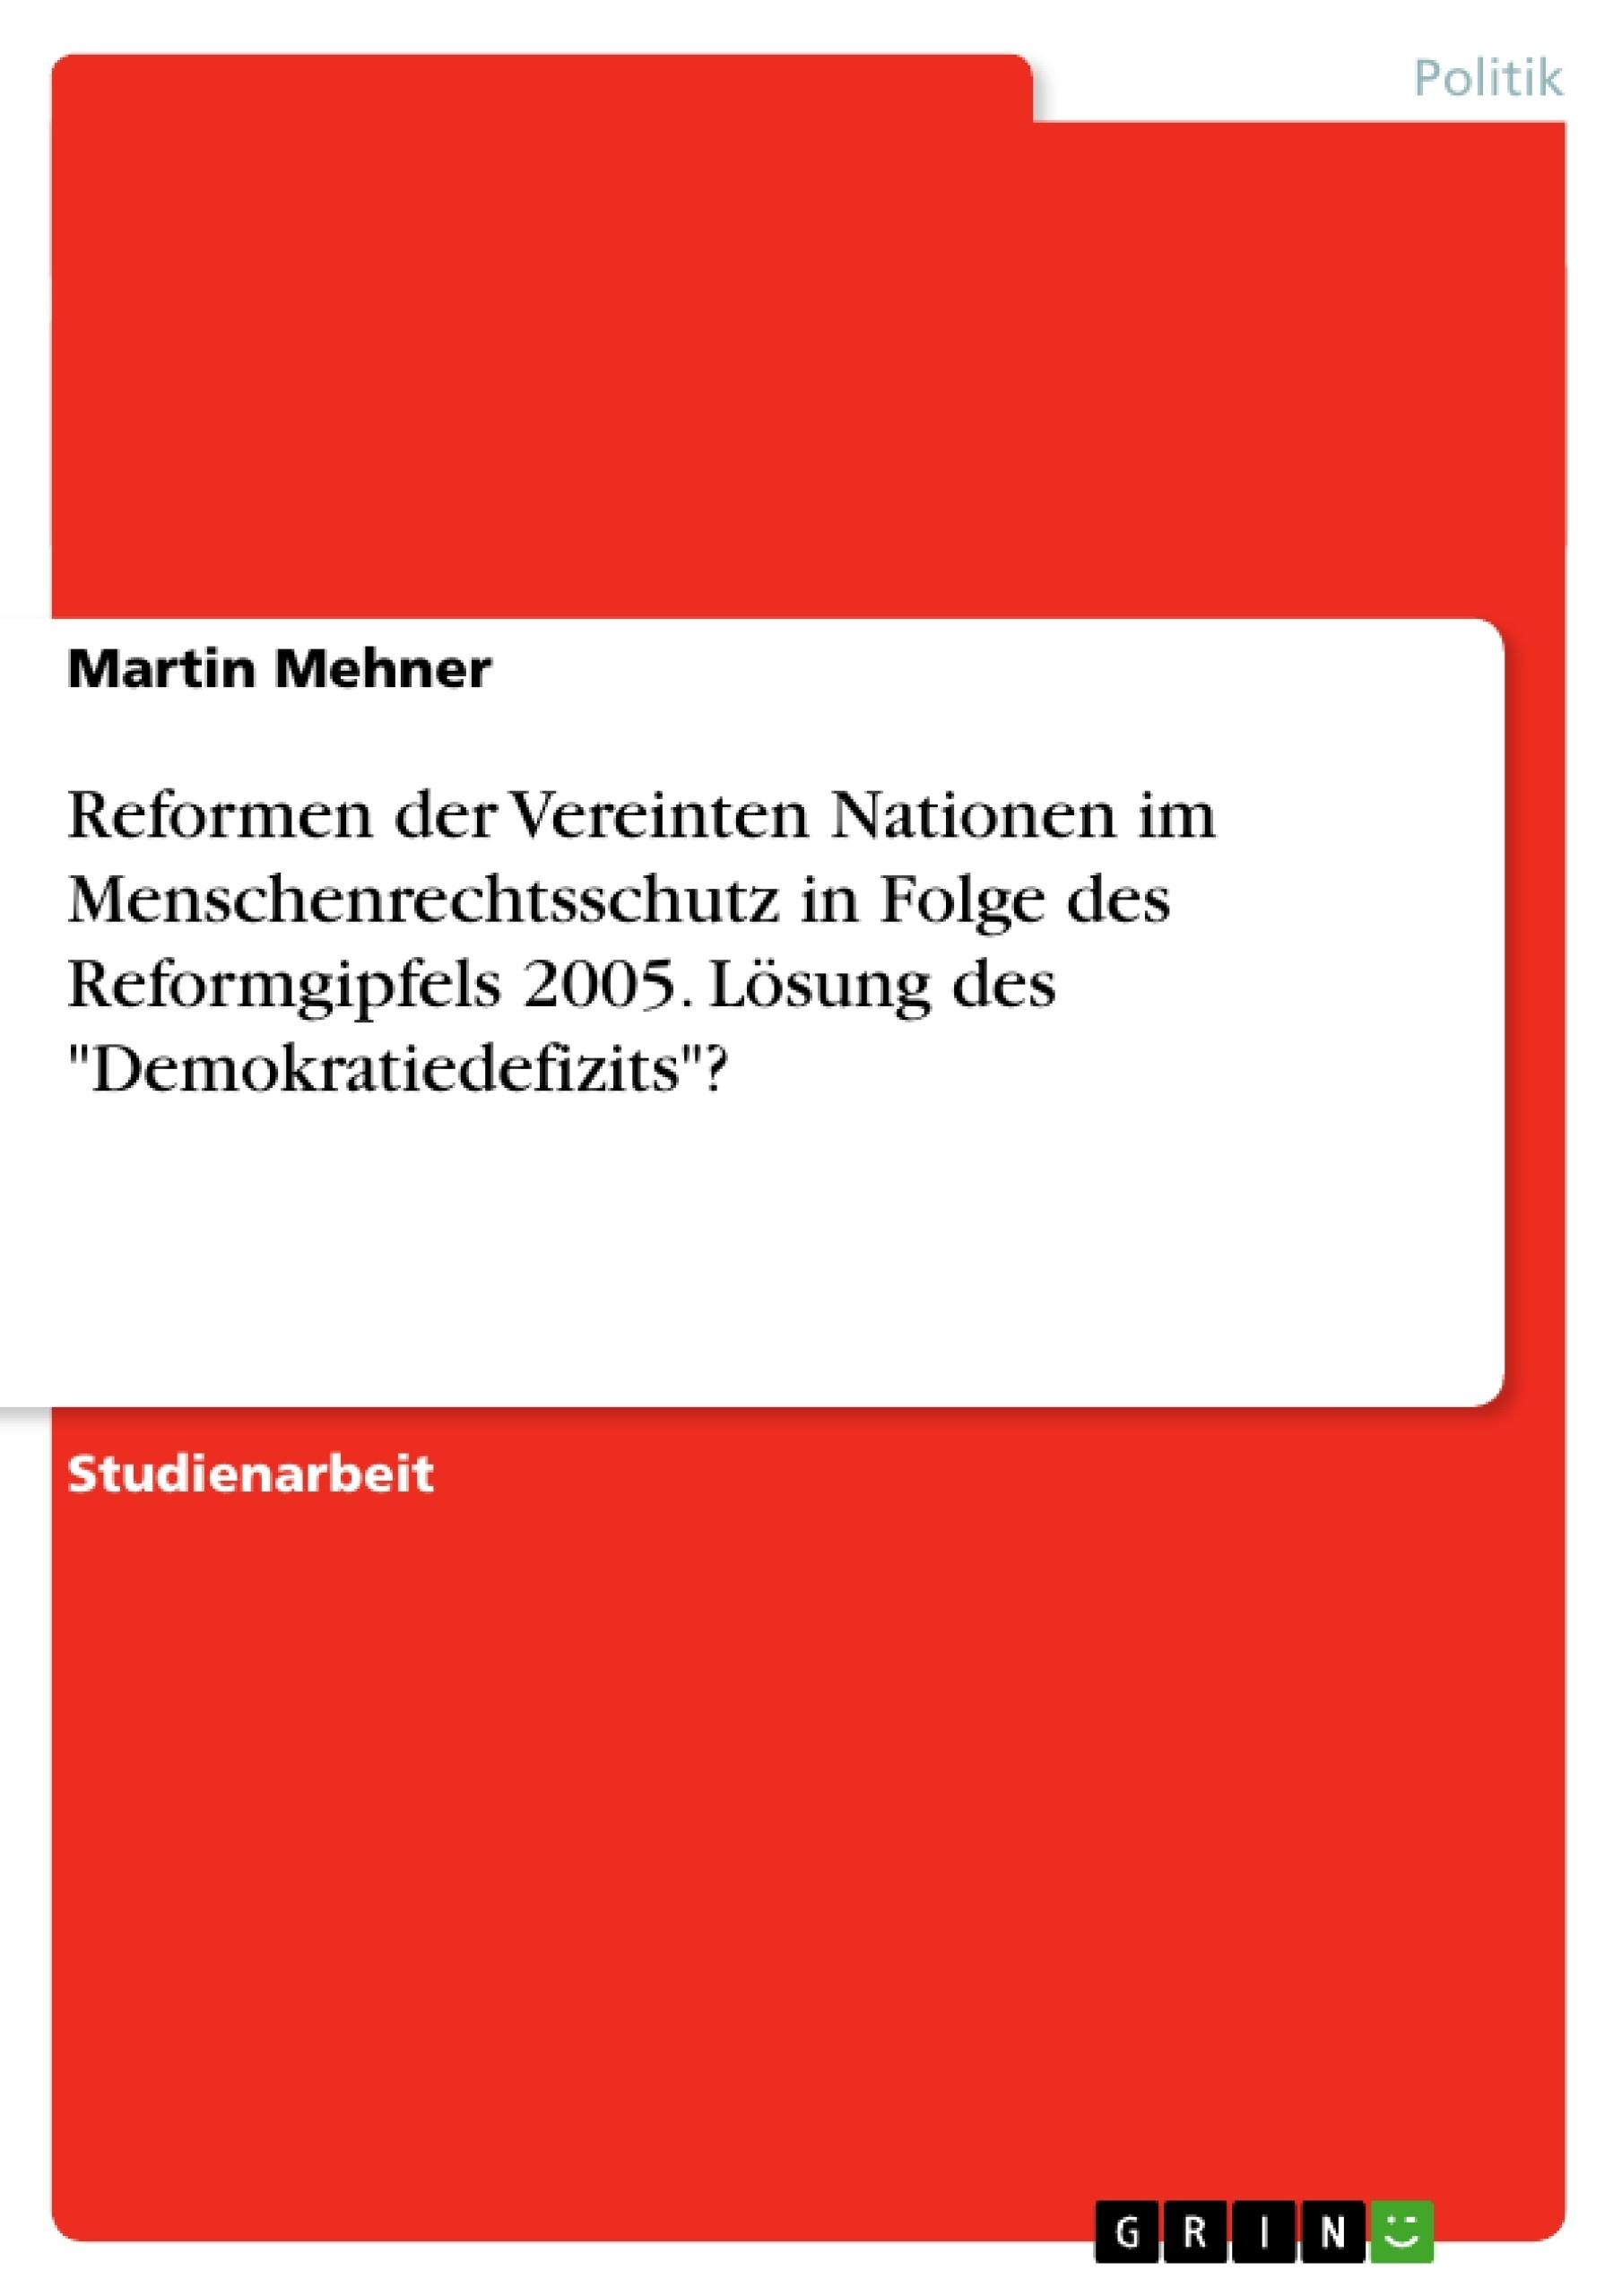 """Titel: Reformen der Vereinten Nationen im Menschenrechtsschutz in Folge des Reformgipfels 2005. Lösung des """"Demokratiedefizits""""?"""